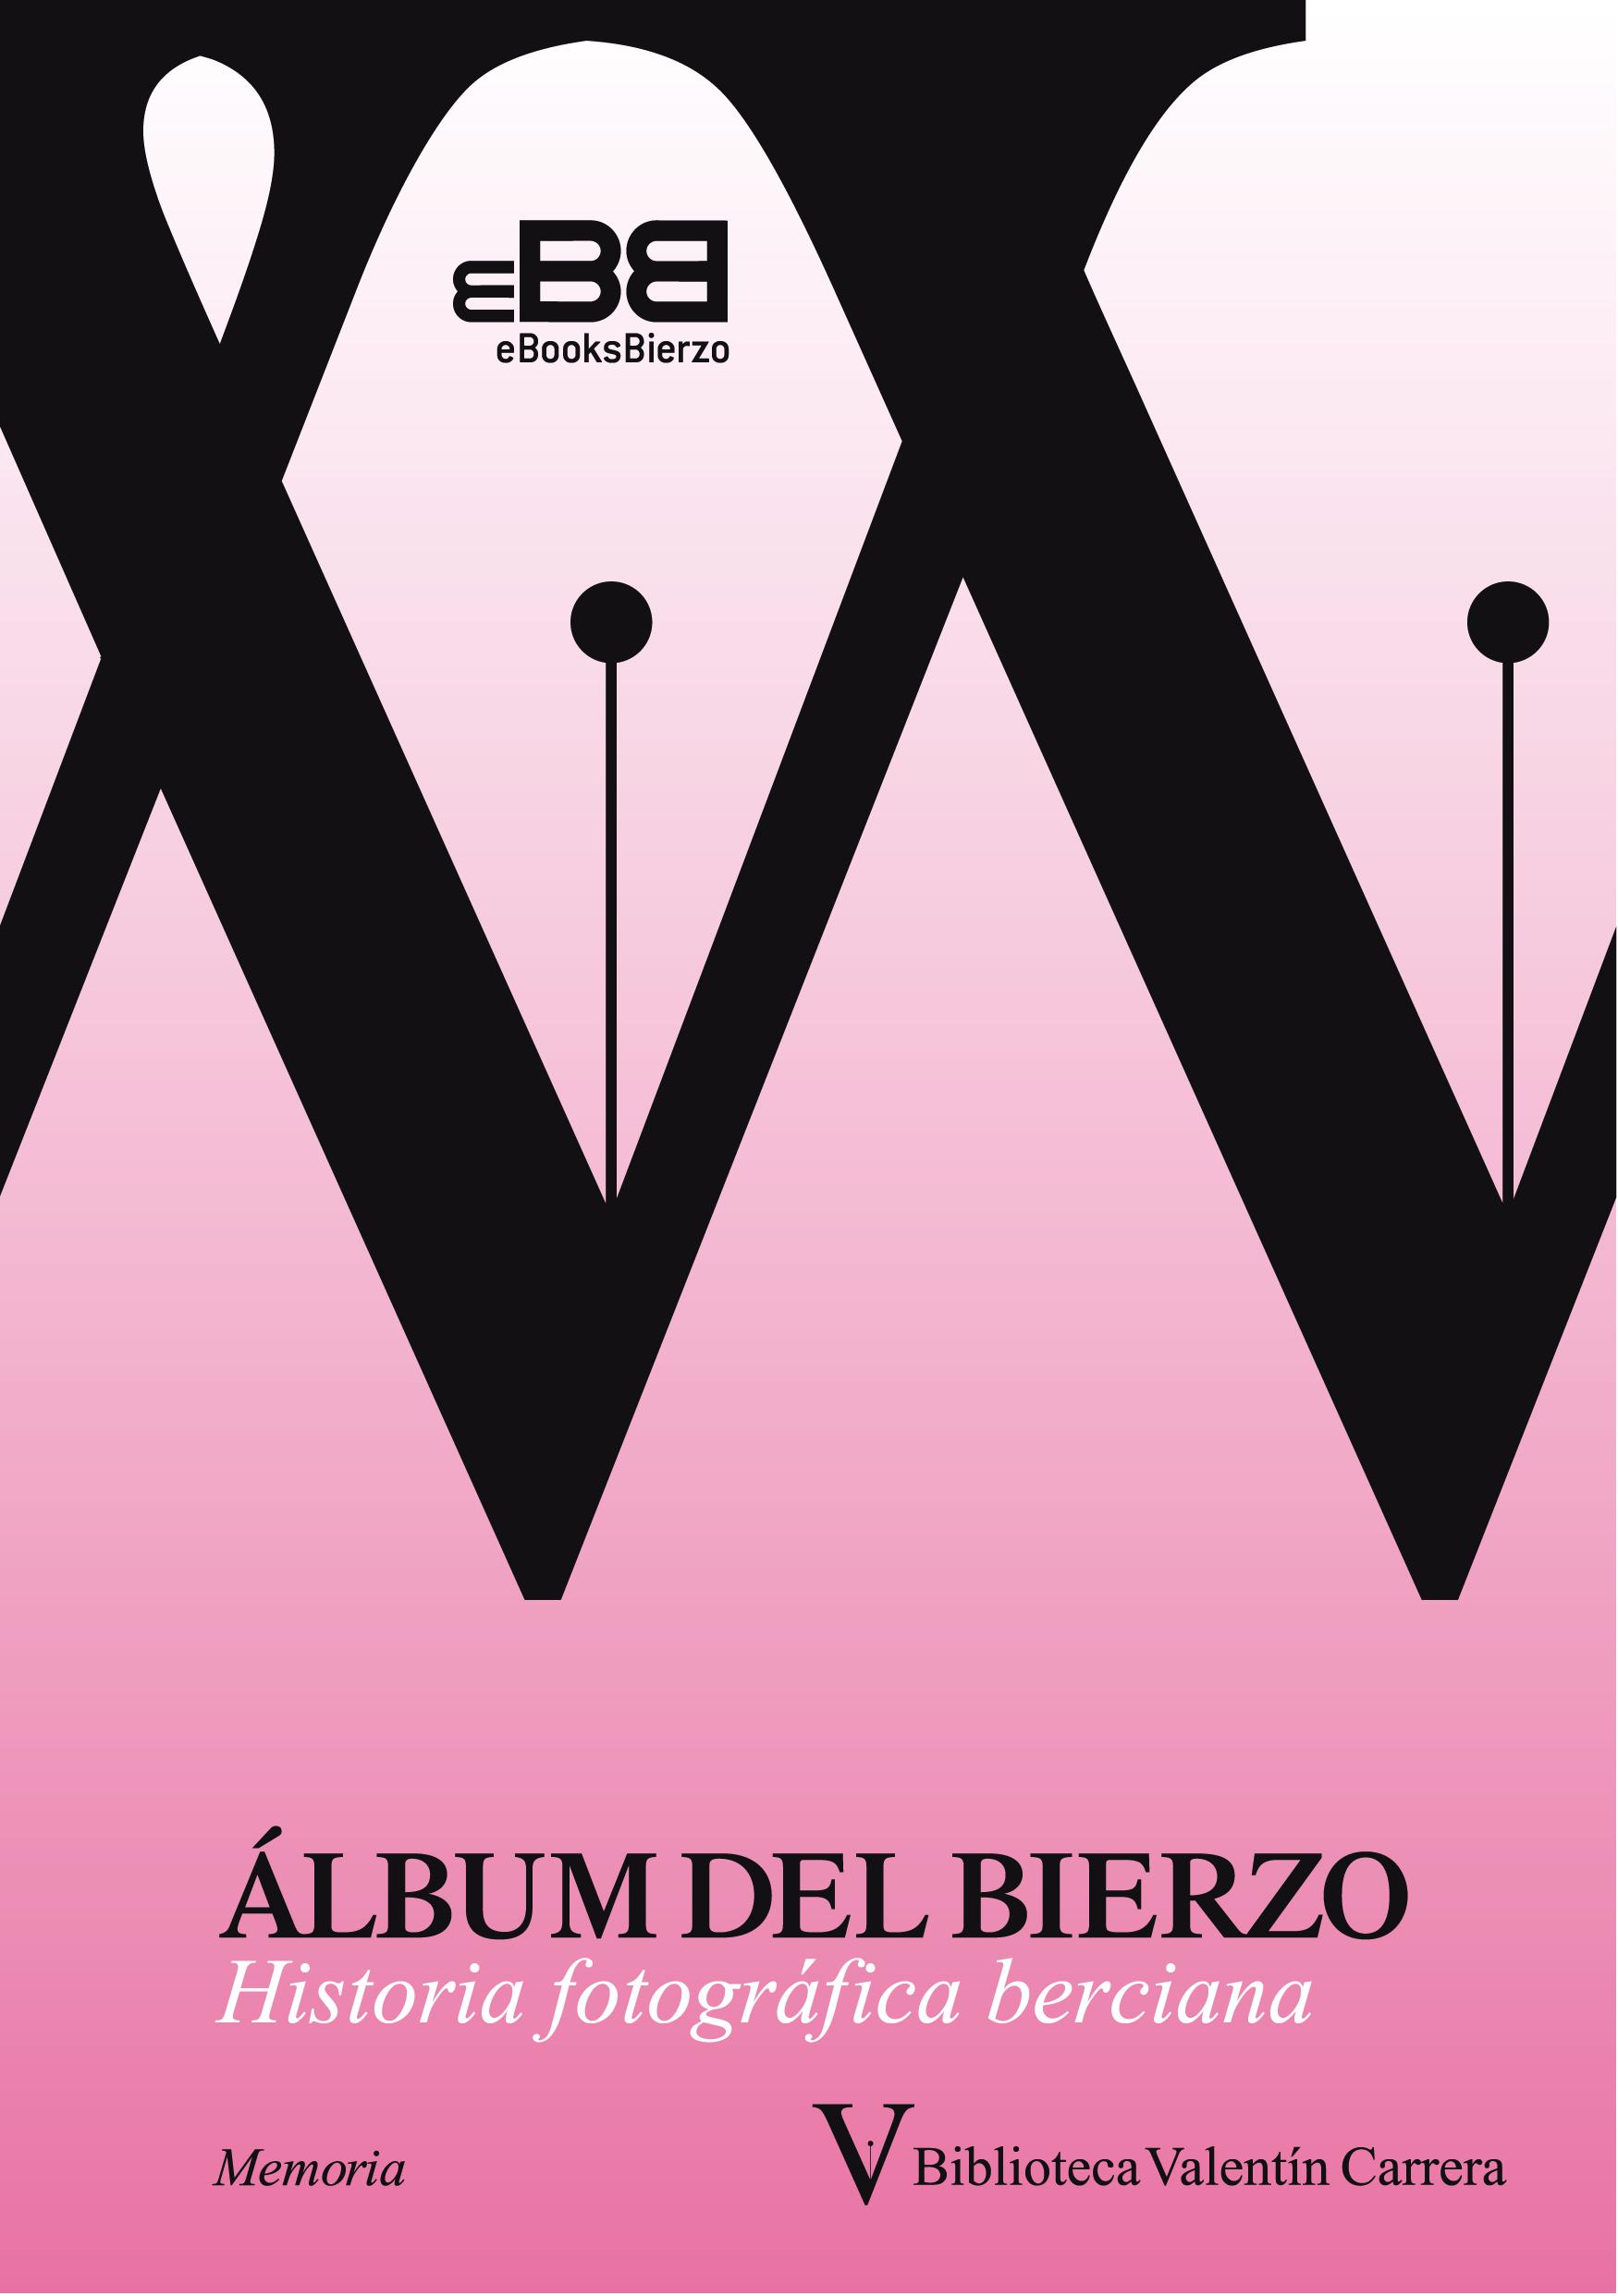 Álbum del Bierzo